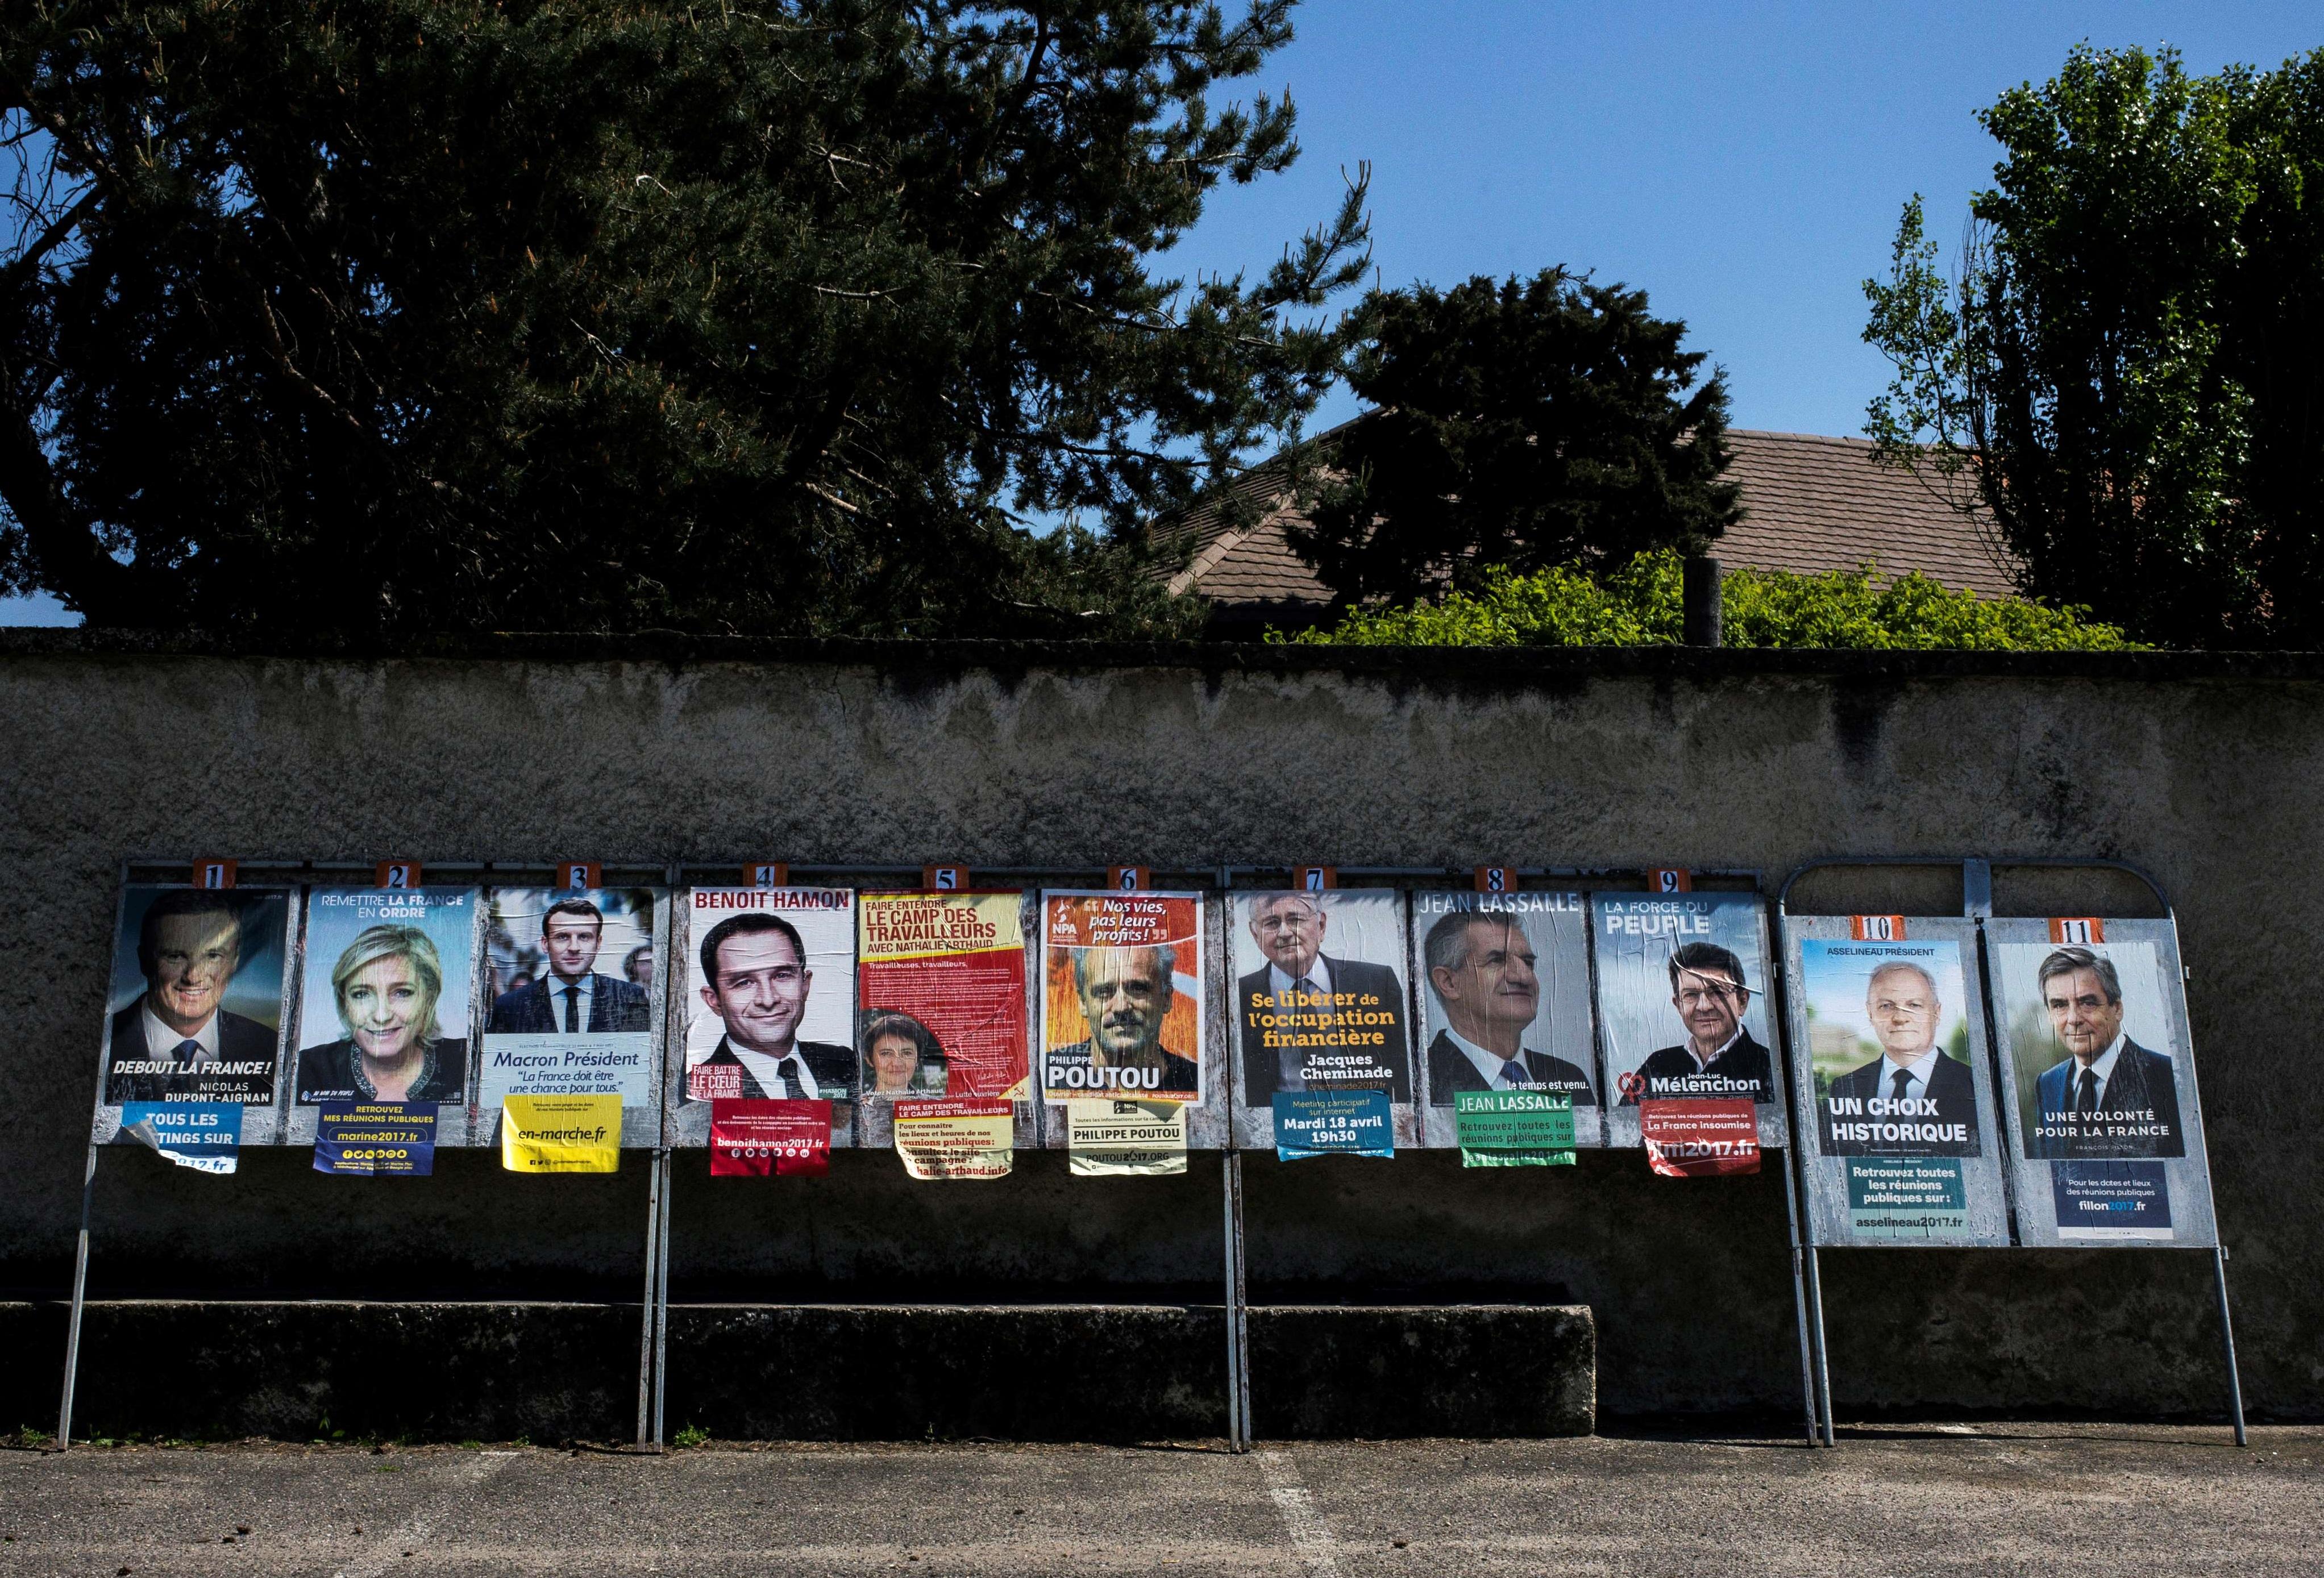 لوحات إعلانية لمرشحين في انتخابات الرئاسة الفرنسية في ليون